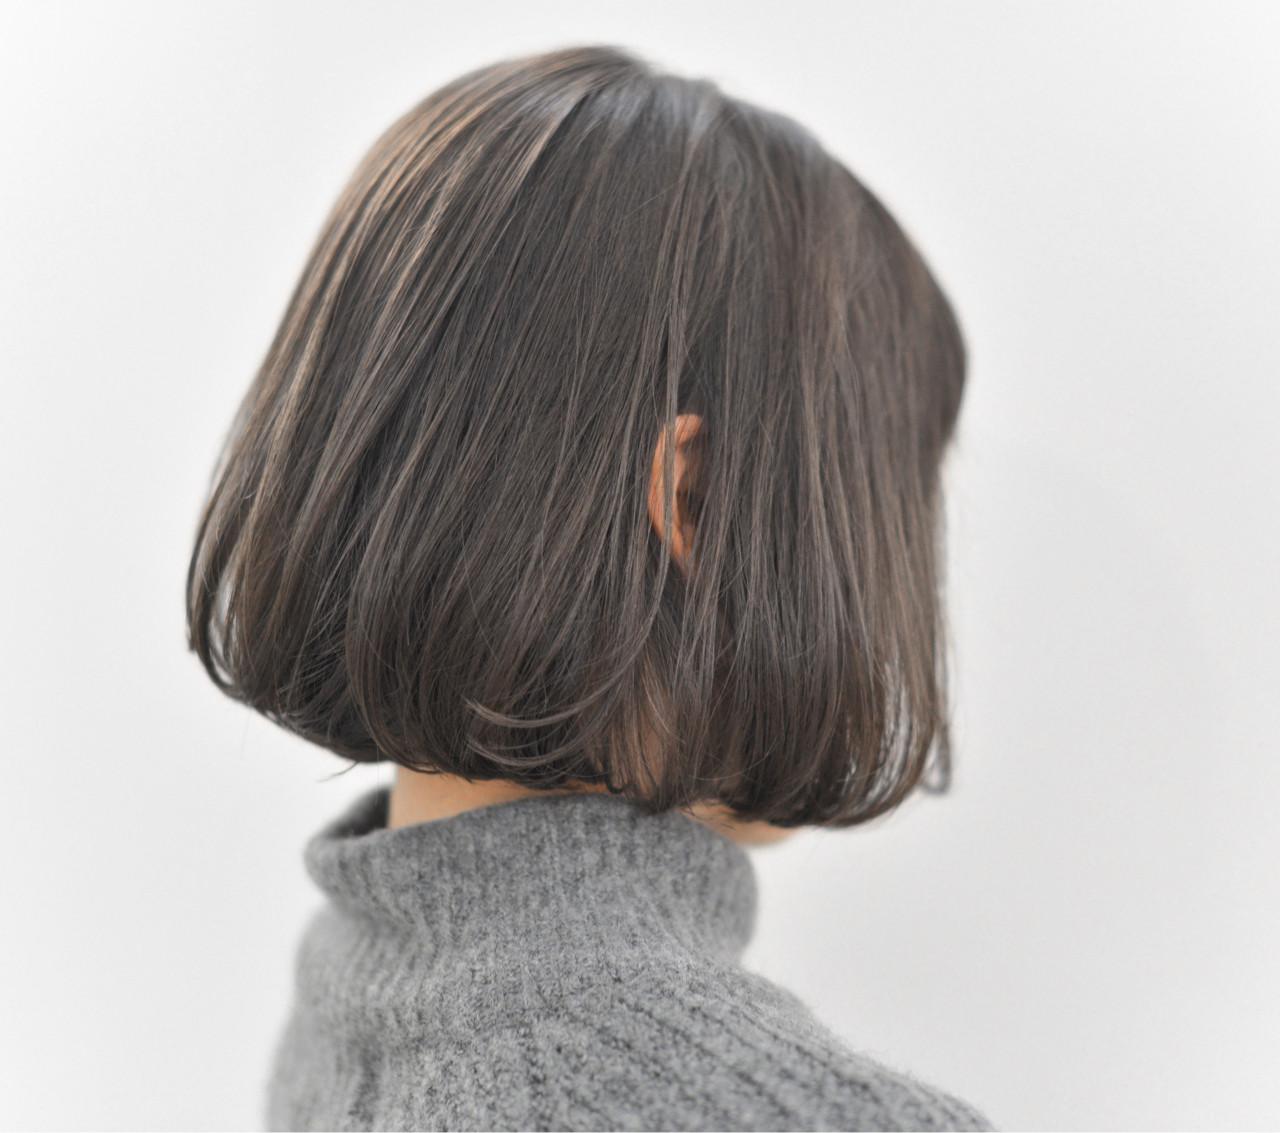 ボブ アッシュ 冬 外国人風 ヘアスタイルや髪型の写真・画像 | yuuta inoue/vicca 'ekolu / vicca 'ekolu